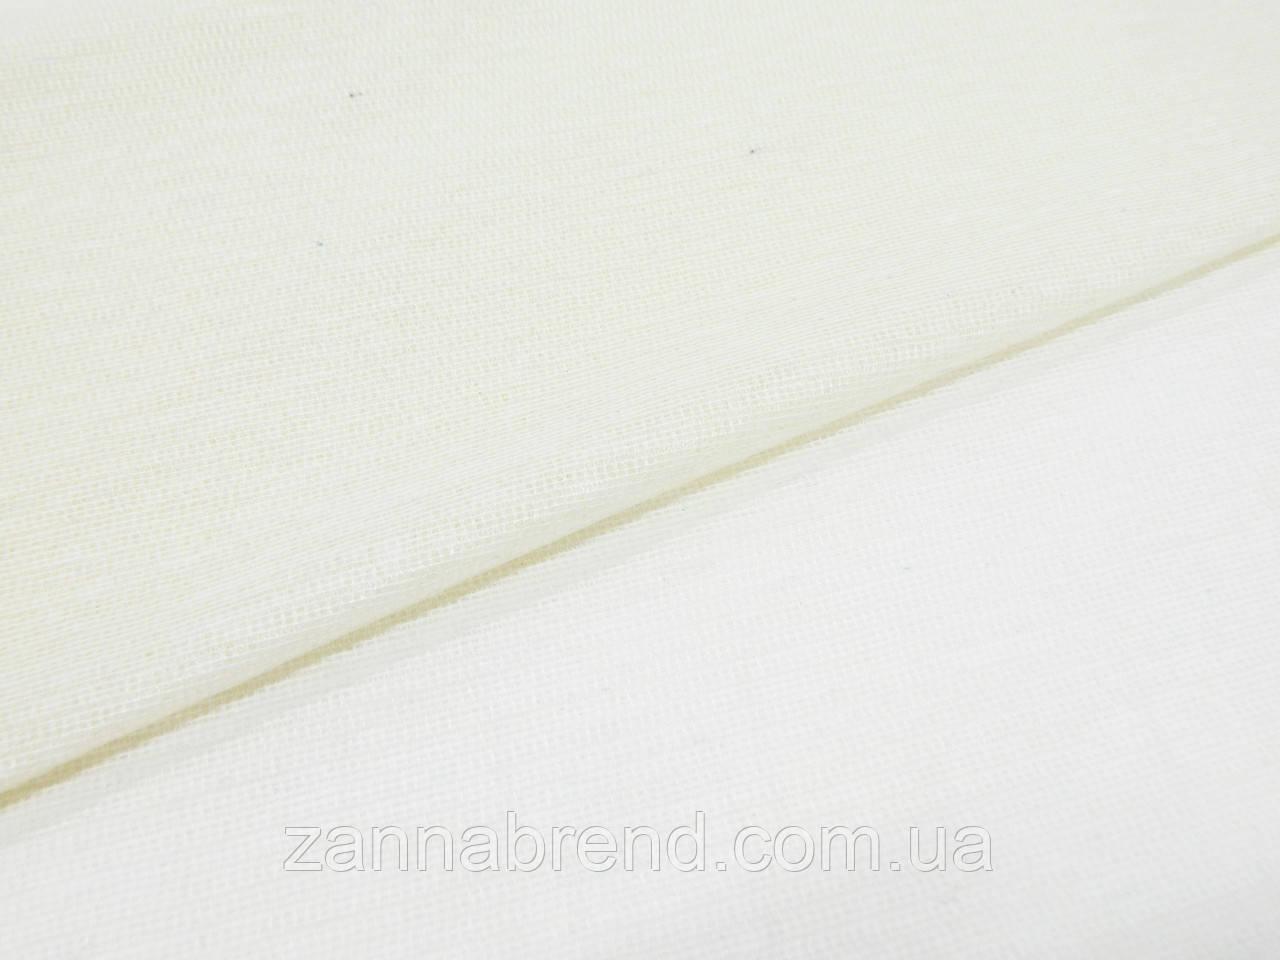 Тканина дублерин колір топленого молока (прокладочний матеріал)